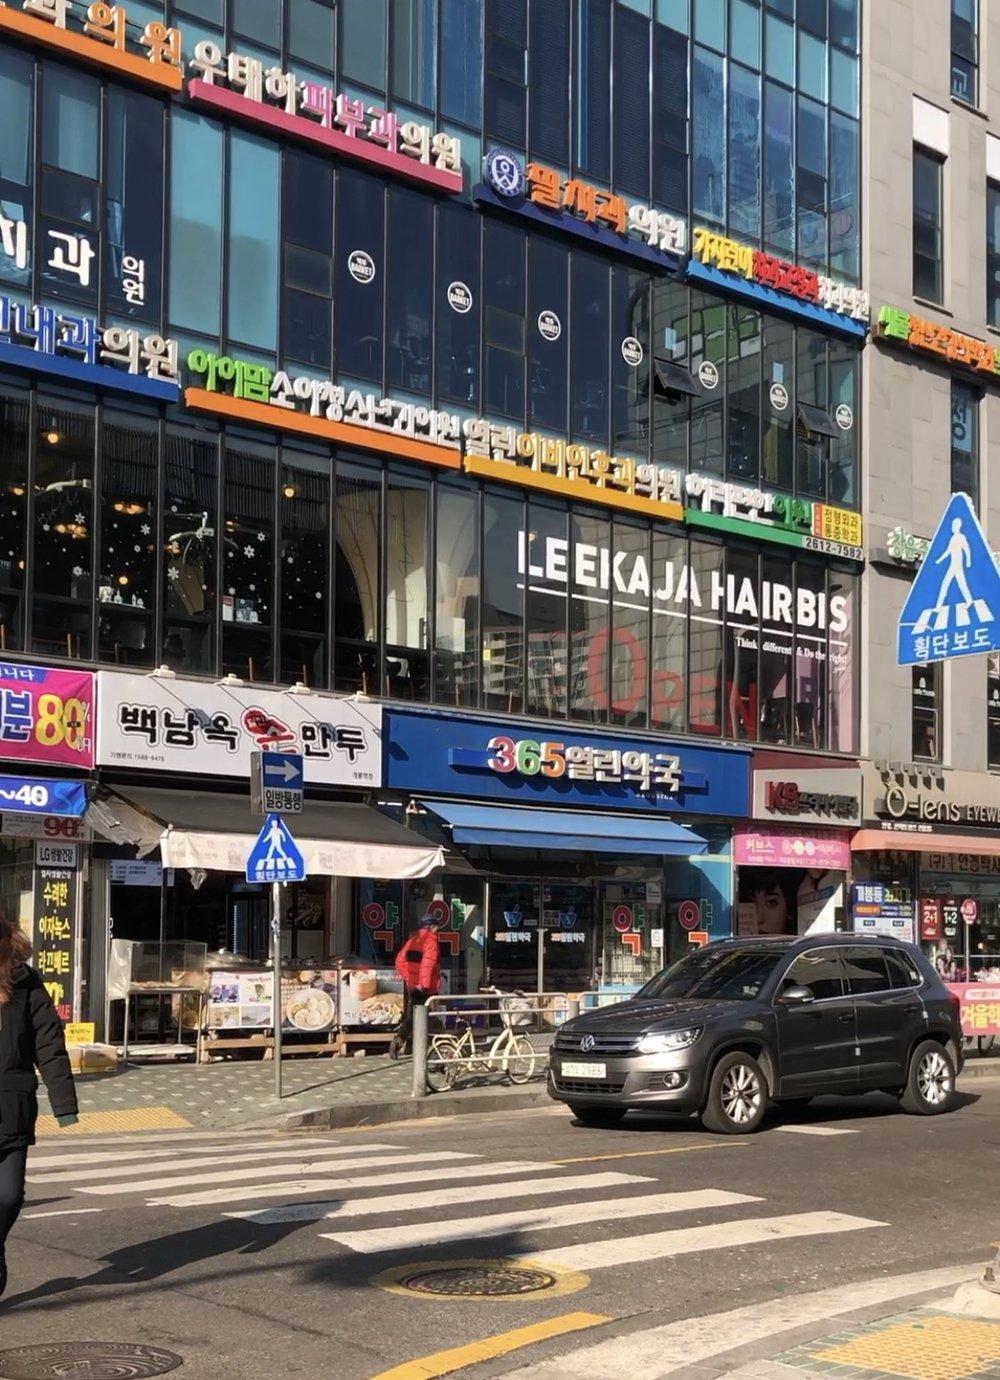 Gaebong area